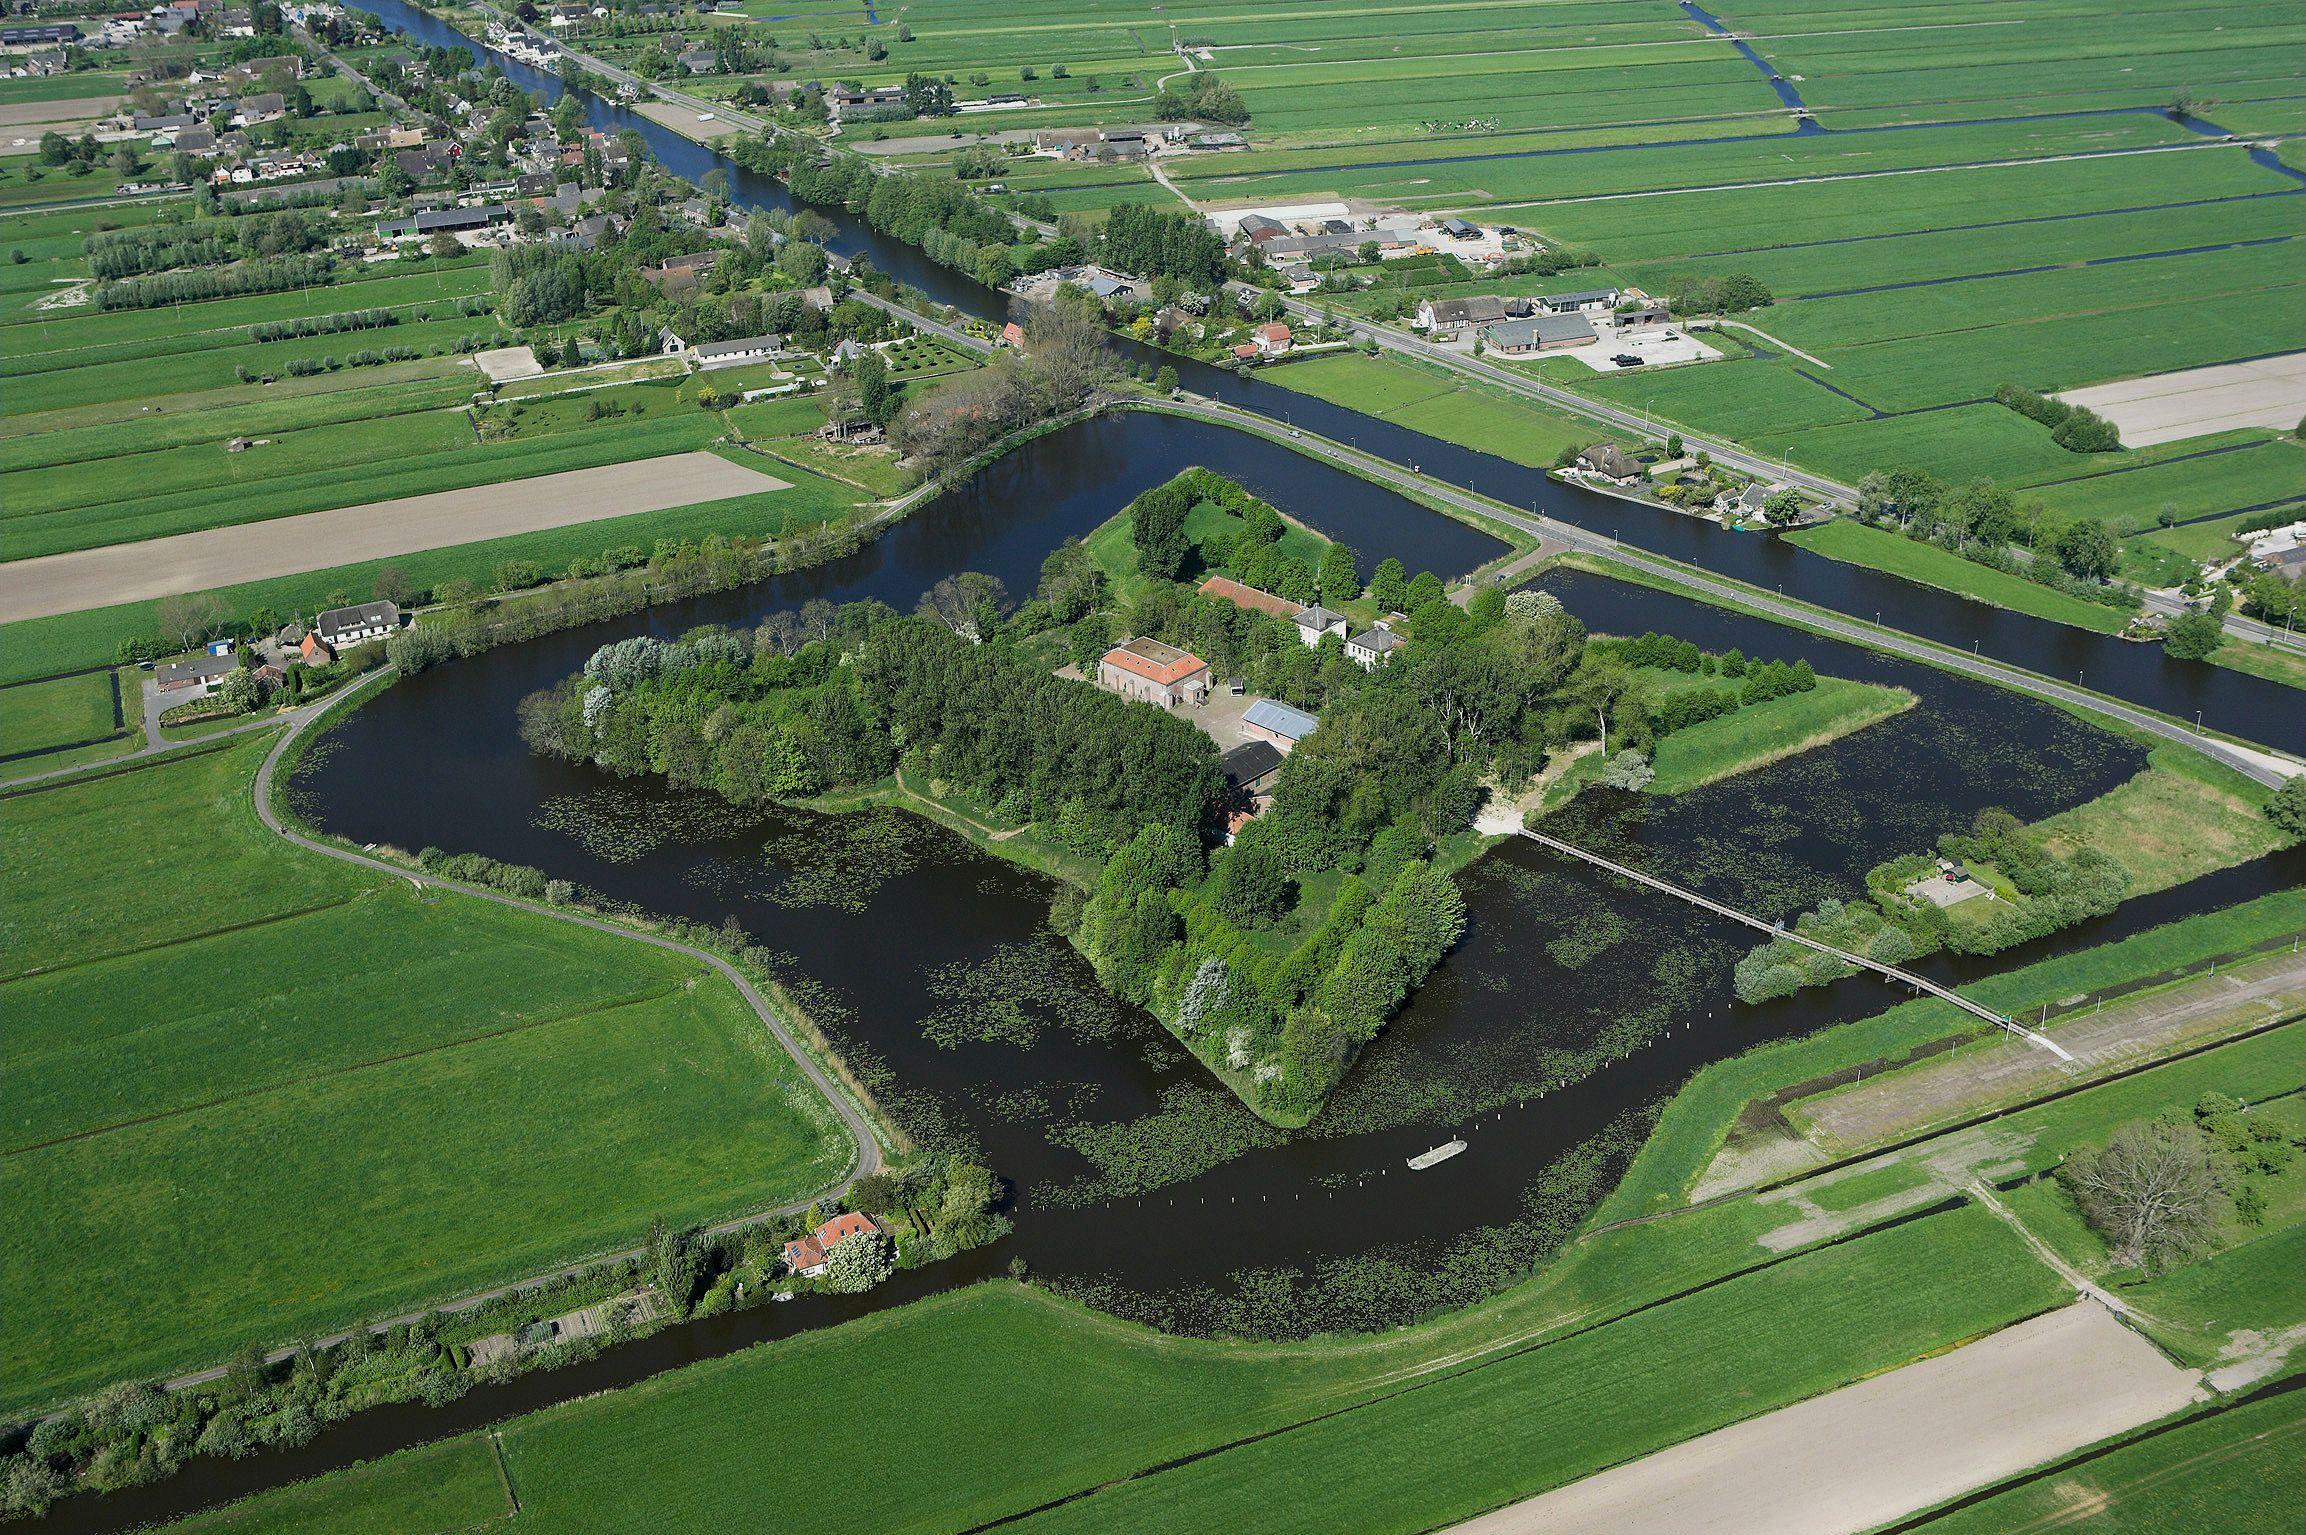 Zuid-Holland geeft half miljoen voor waterlinieprojecten